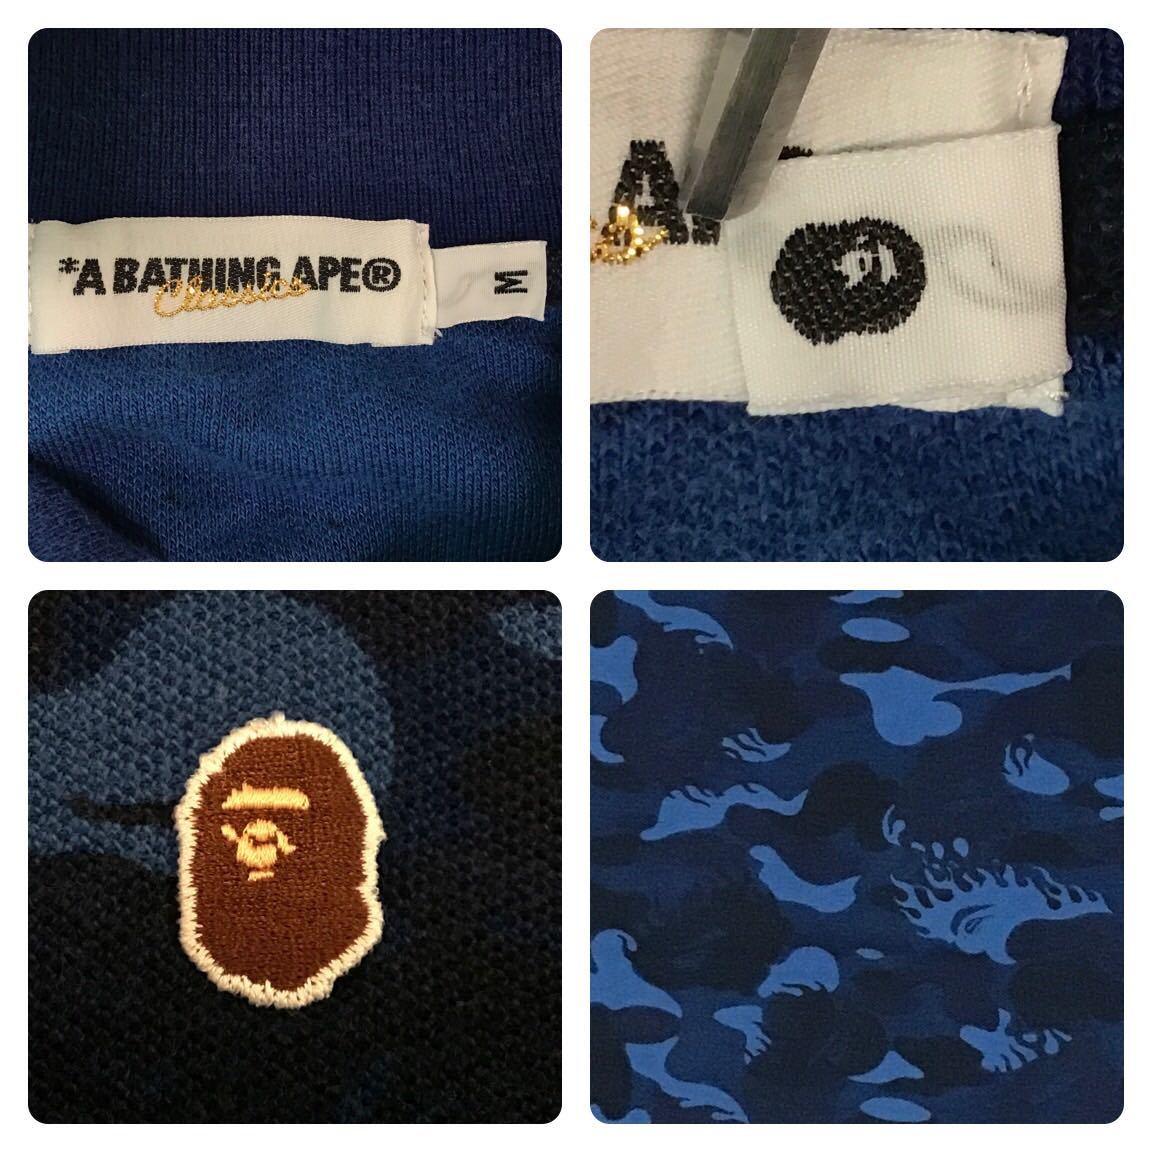 ★激レア★ fire camo ポロシャツ Mサイズ a bathing ape bape エイプ ベイプ アベイシングエイプ ファイヤーカモ 迷彩 flame blue nigo a8